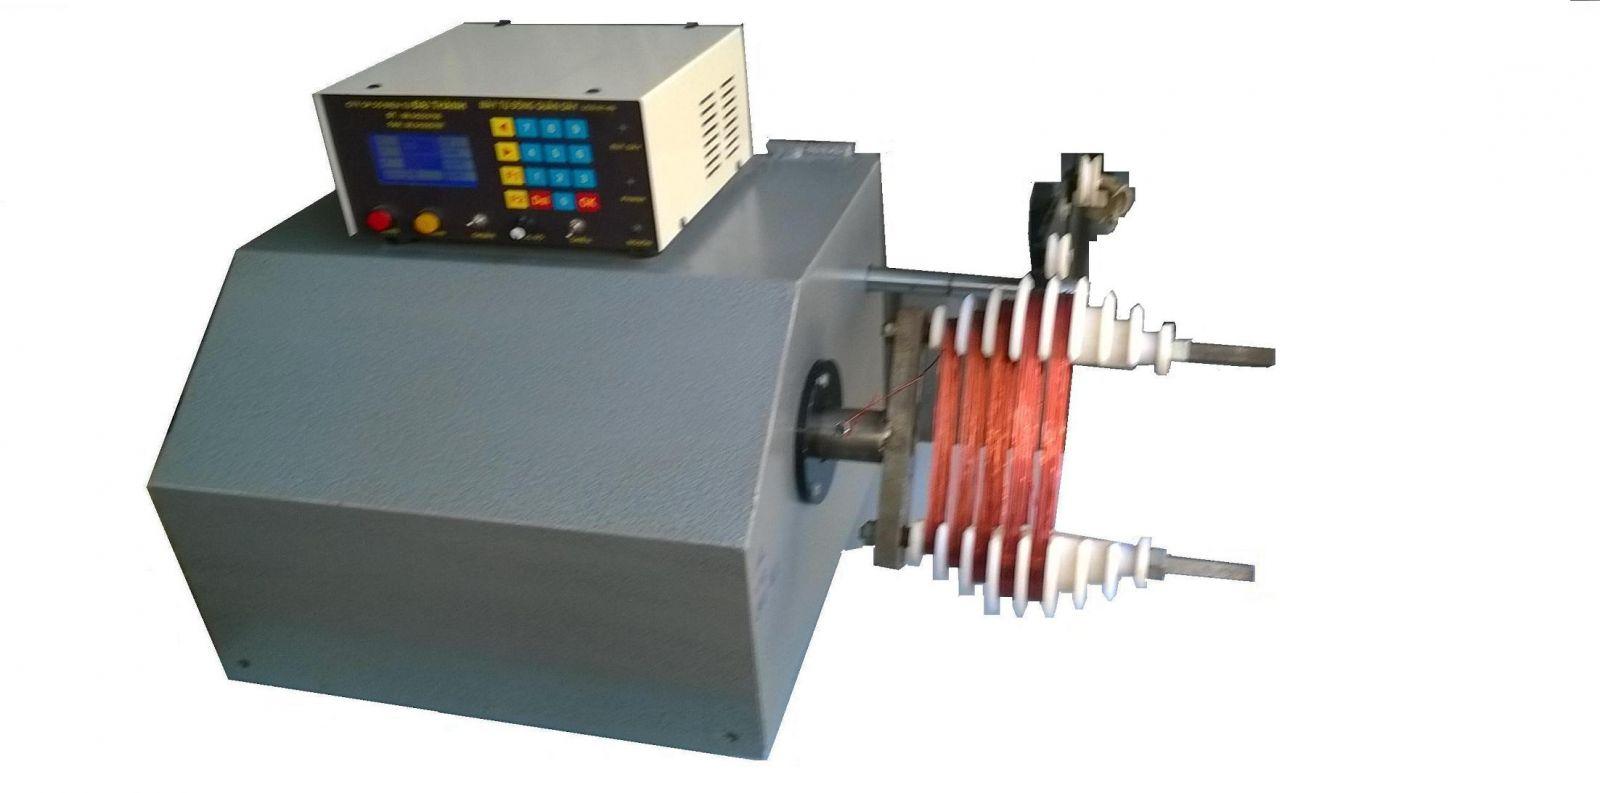 Tìm hiểu về máy quấn dây điện đồng phế liệu